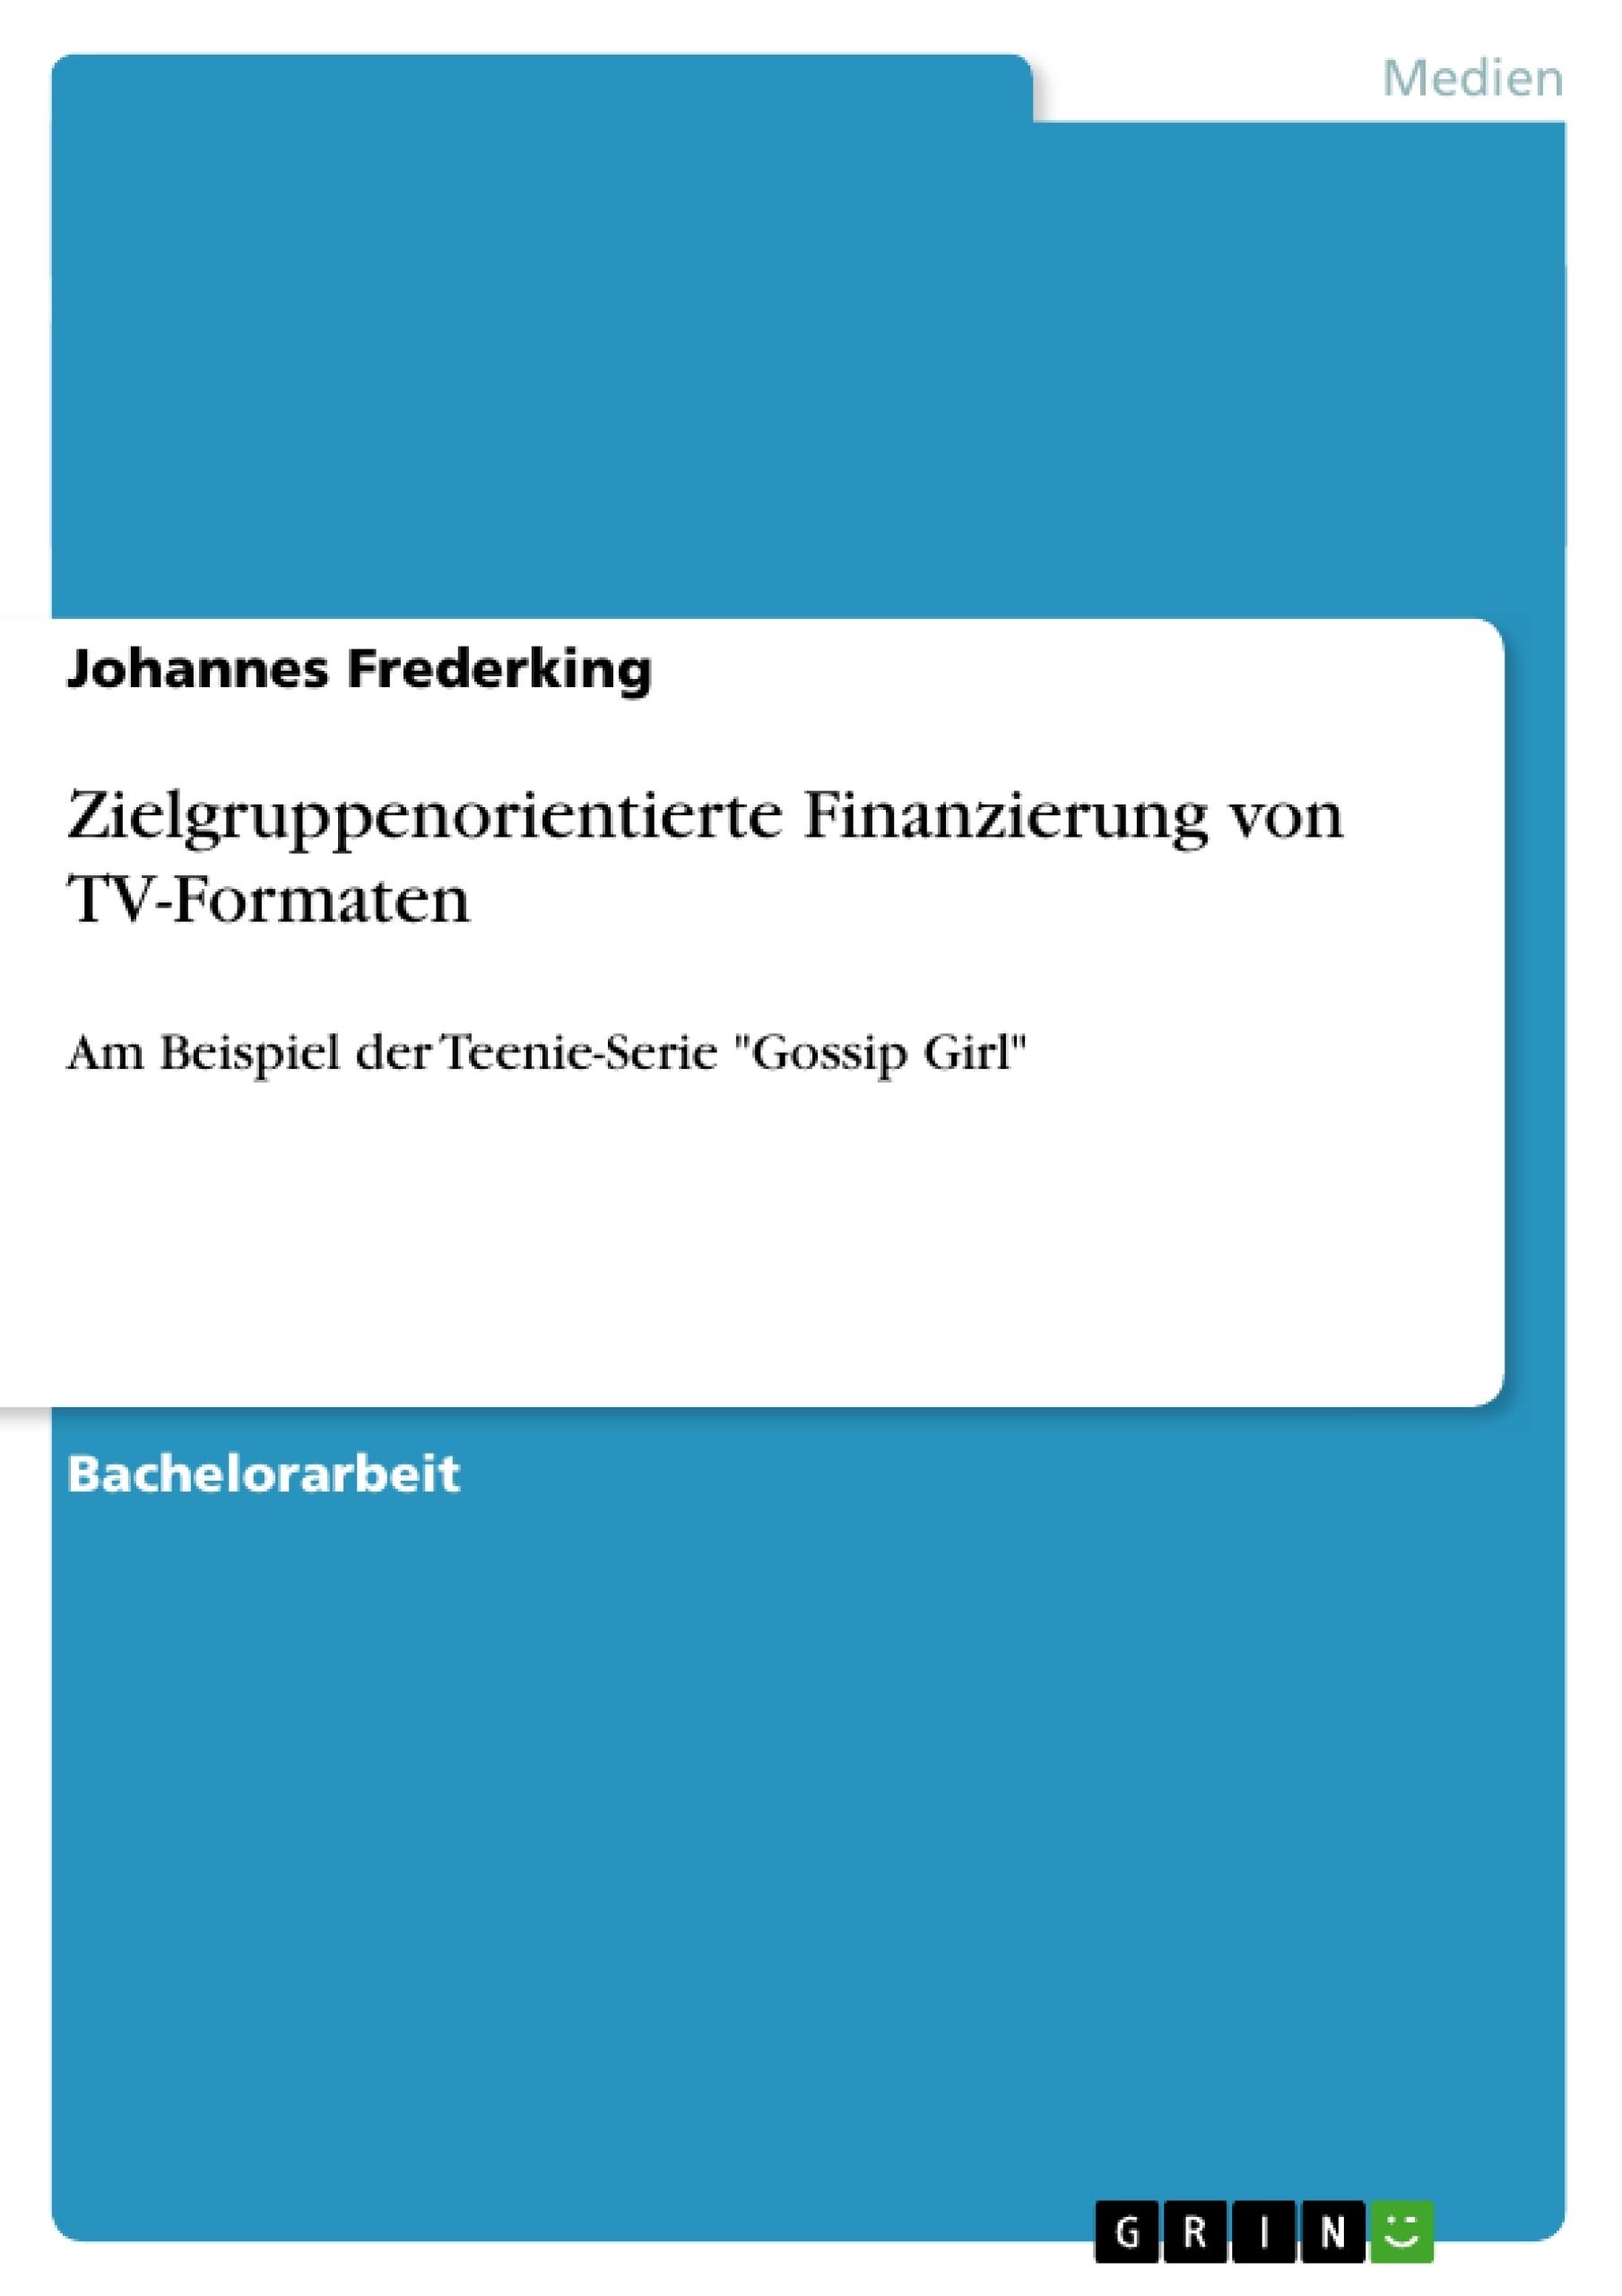 Niedlich Verkauf Fortsetzen Bilder - Beispiel Business Lebenslauf ...